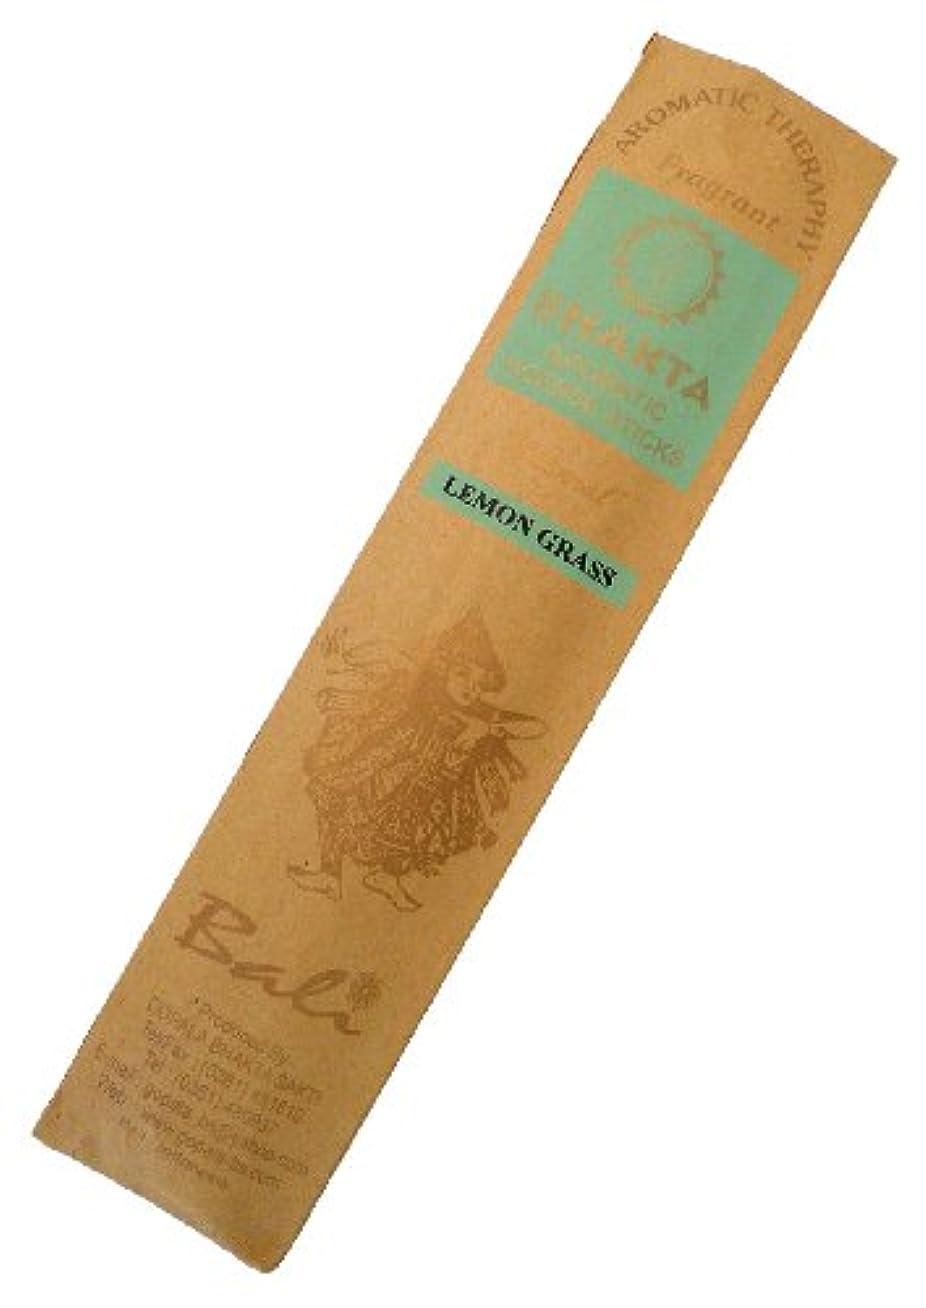 定期的適応する交通お香 BHAKTA ナチュラル スティック 香(レモングラス)ロングタイプ インセンス[アロマセラピー 癒し リラックス 雰囲気作り]インドネシア?バリ島のお香